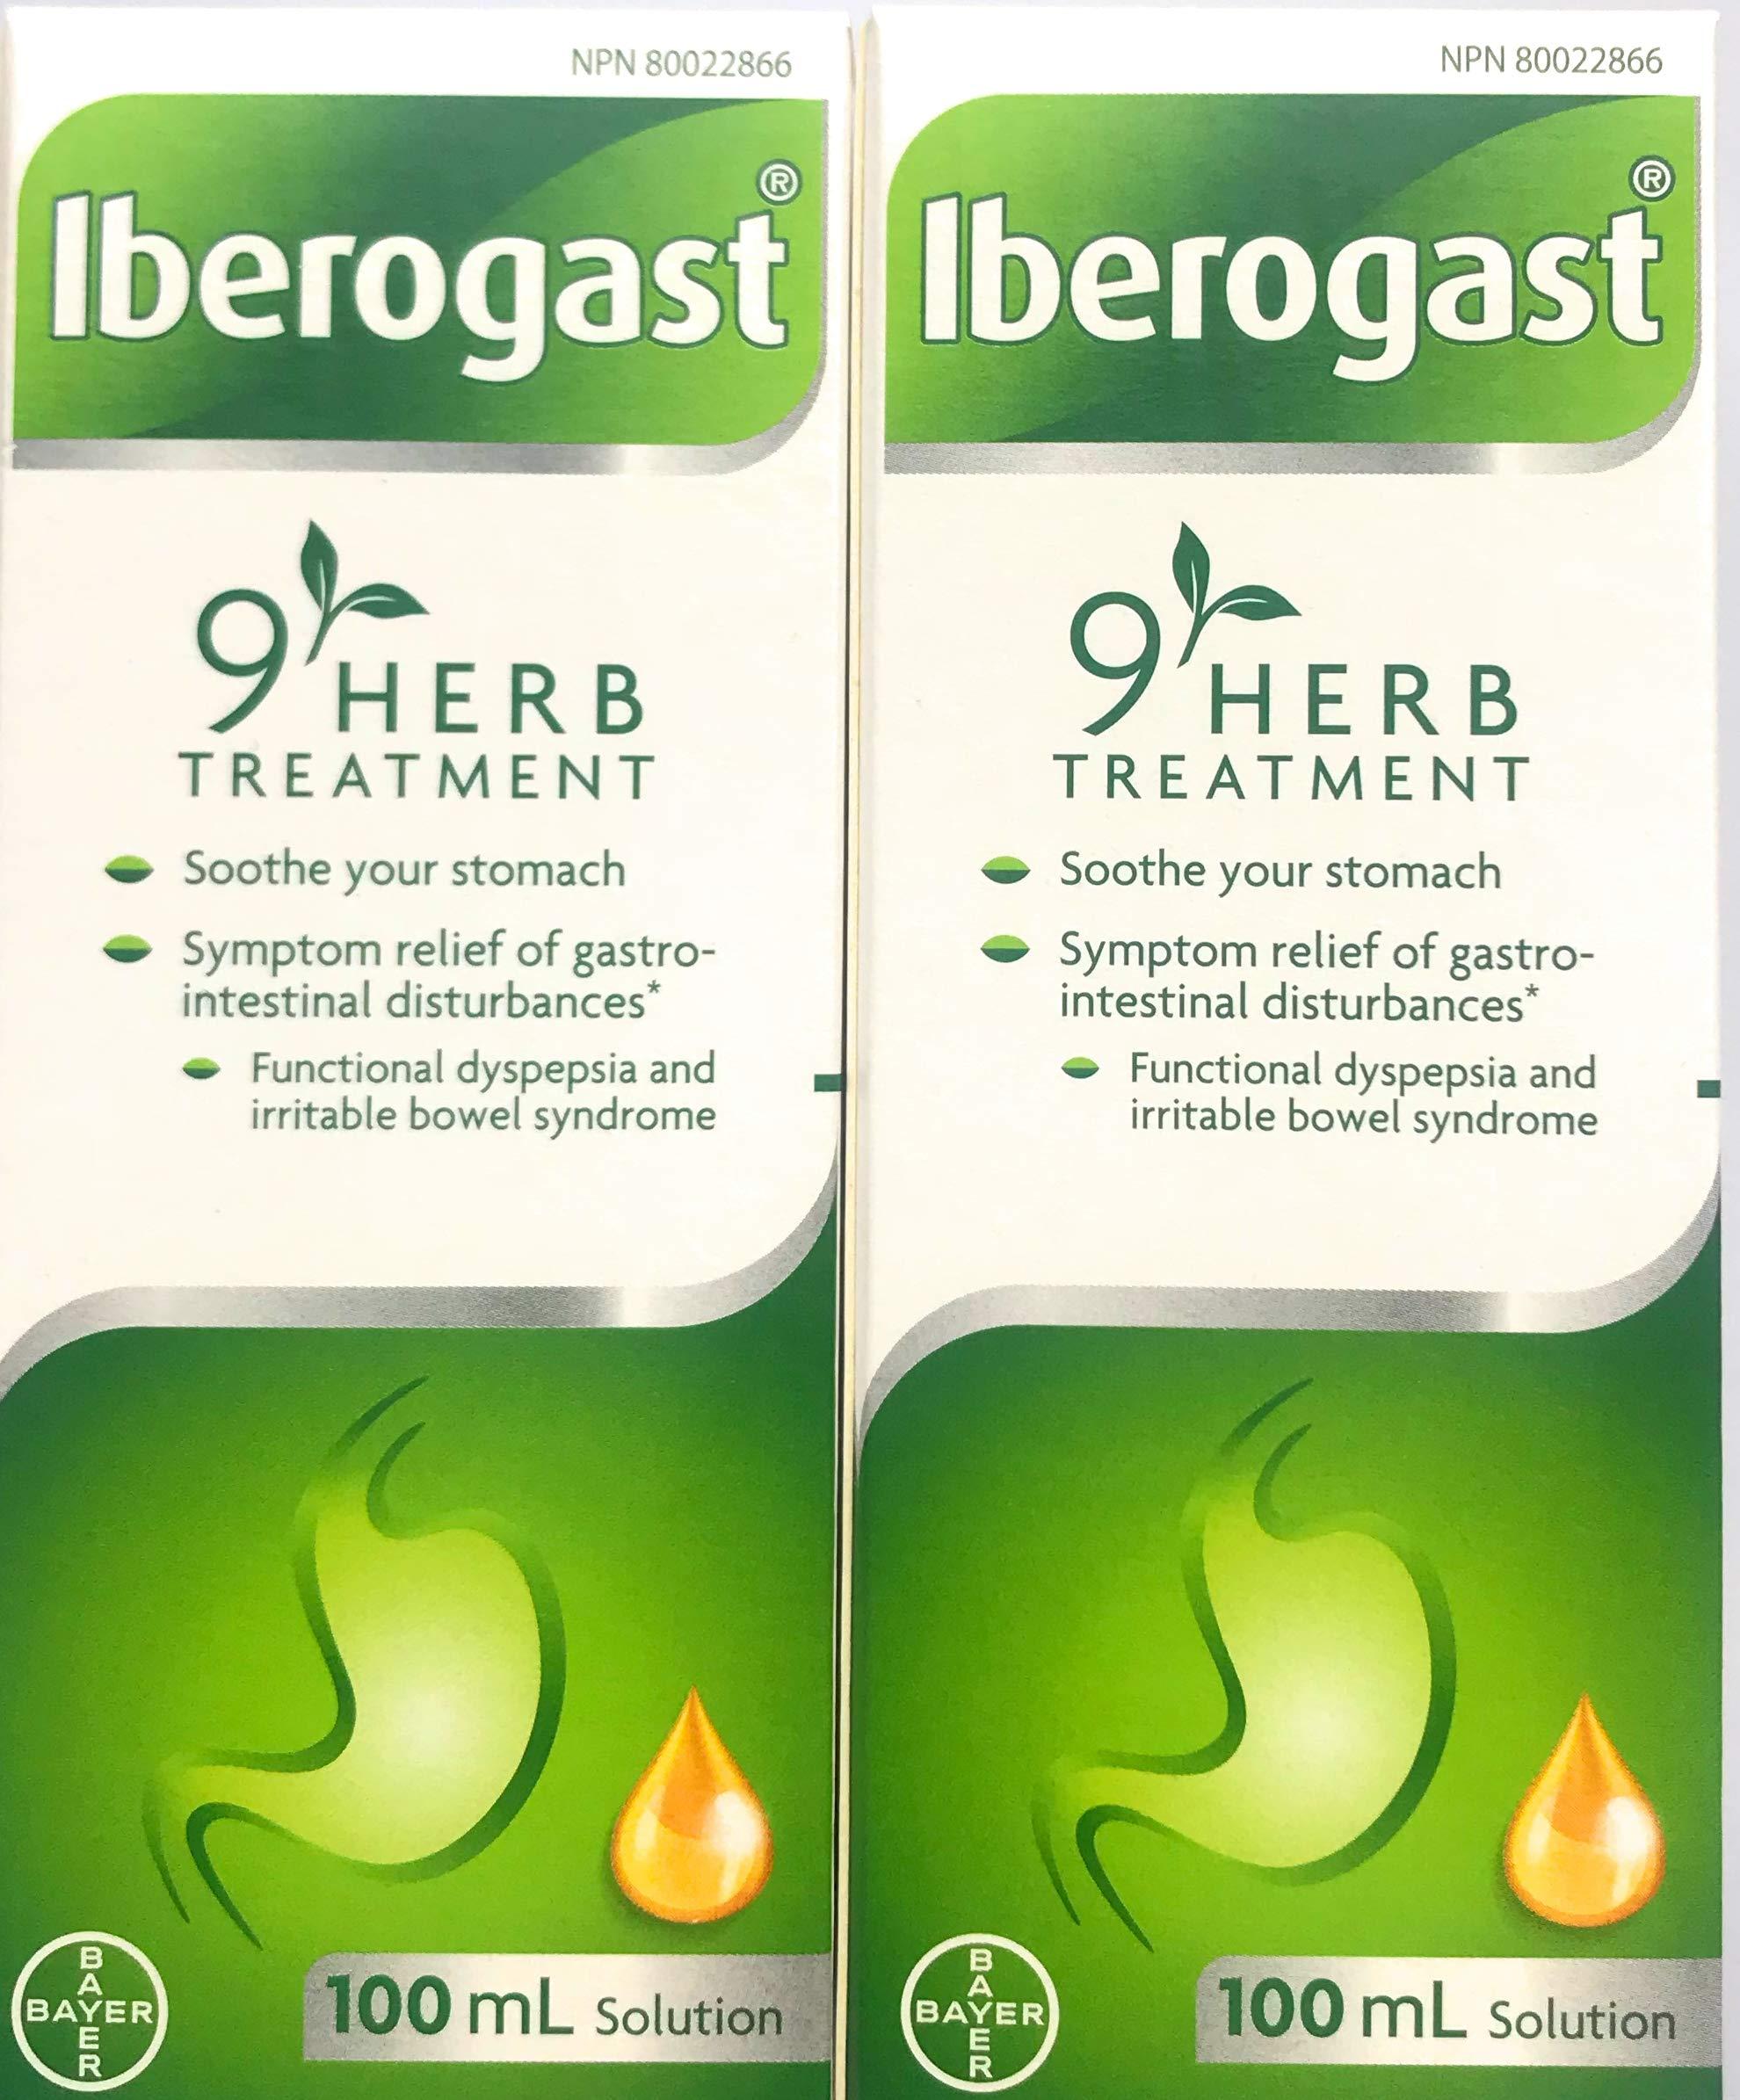 Iberogast LARGE SIZE -TWO BOTTLES 2x100ml